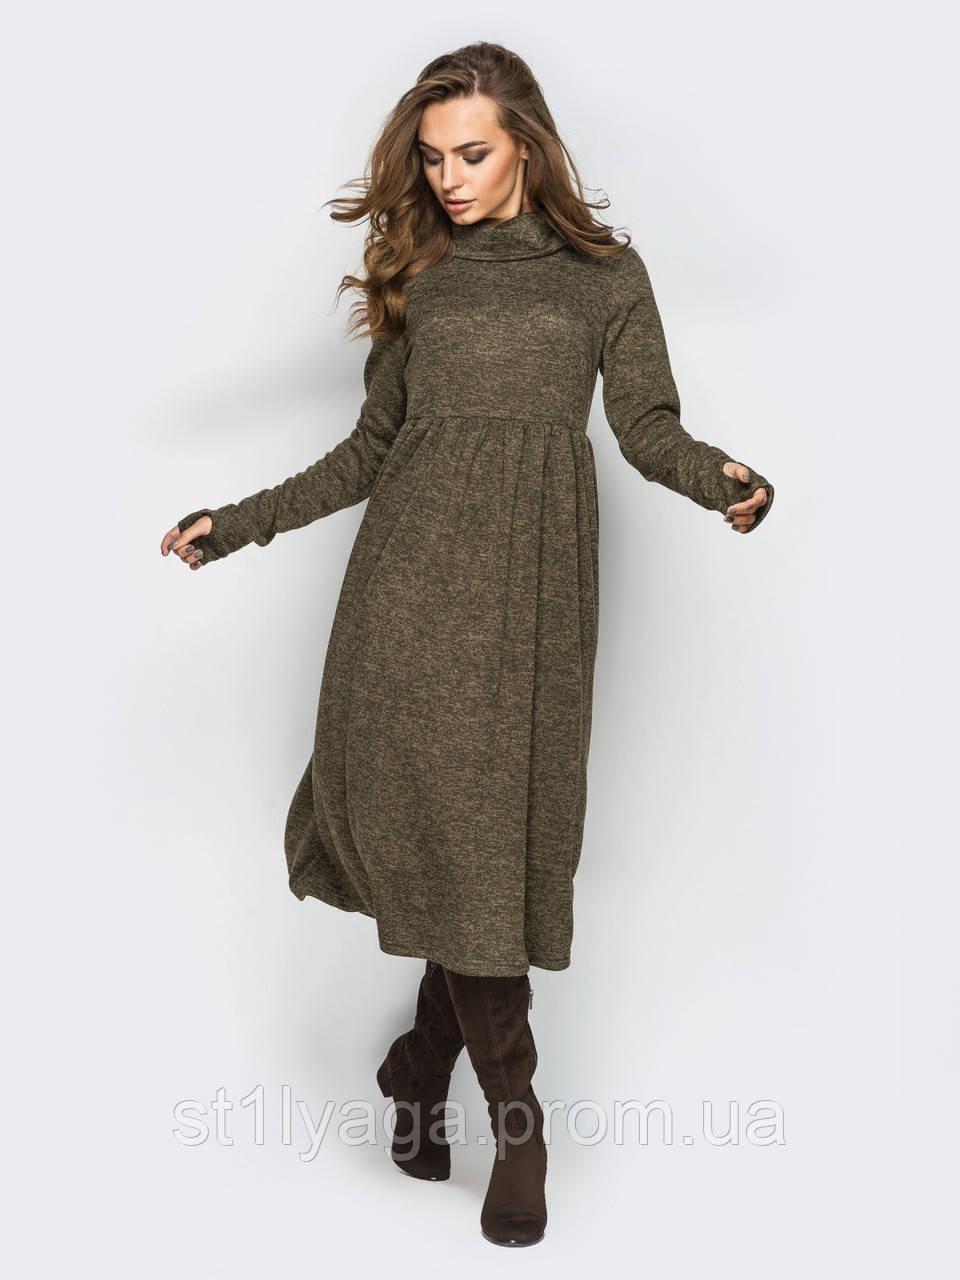 Платье из трикотажа Ангора длиной миди